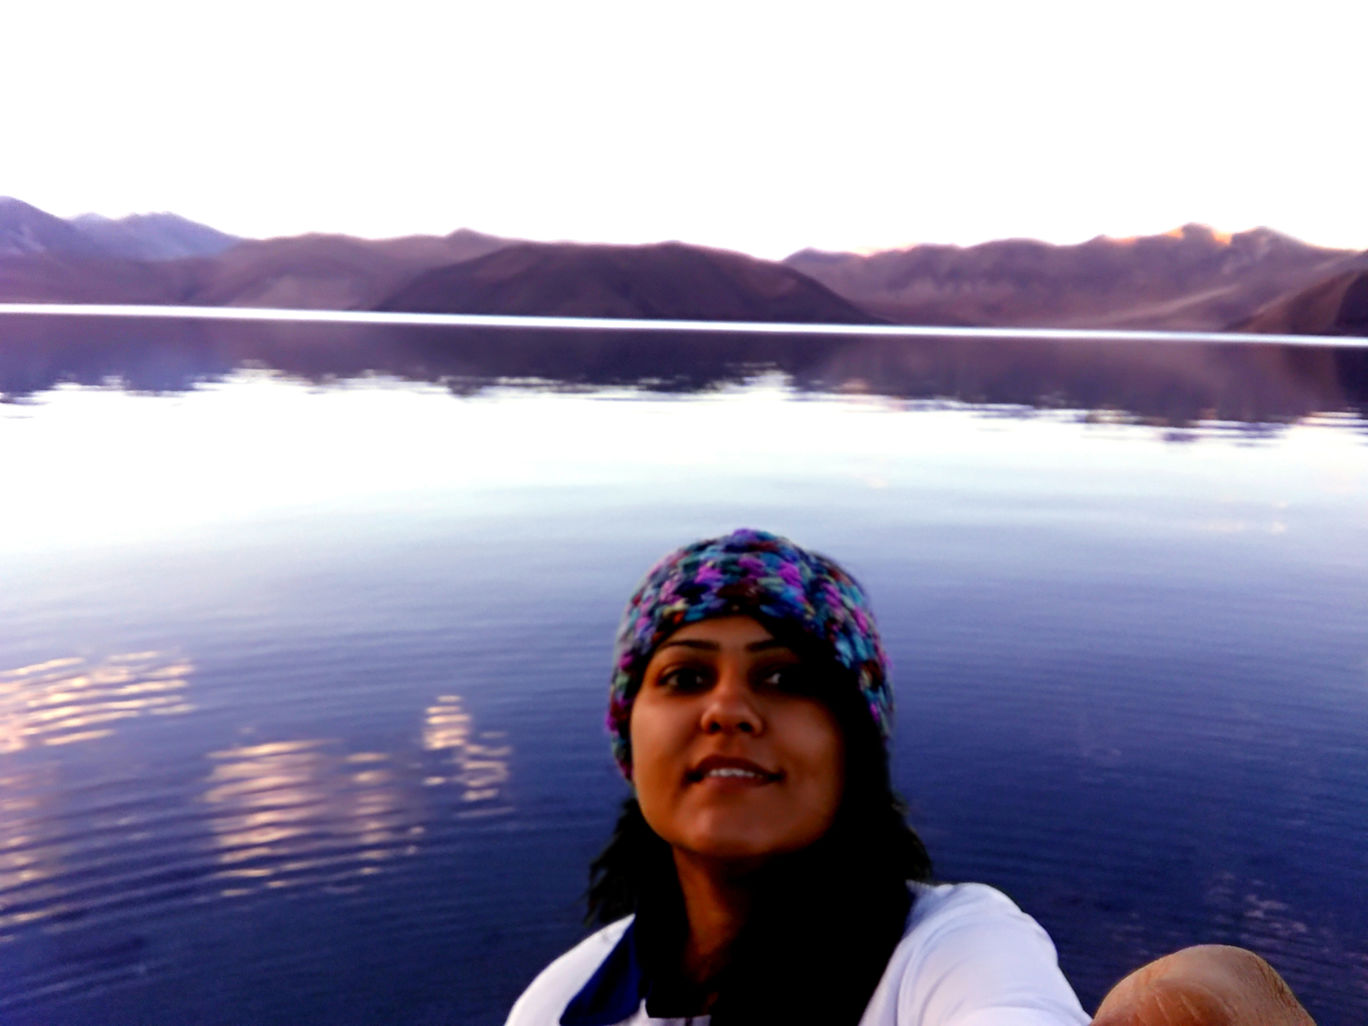 Photo of Pangong Lake By Parita Vadera